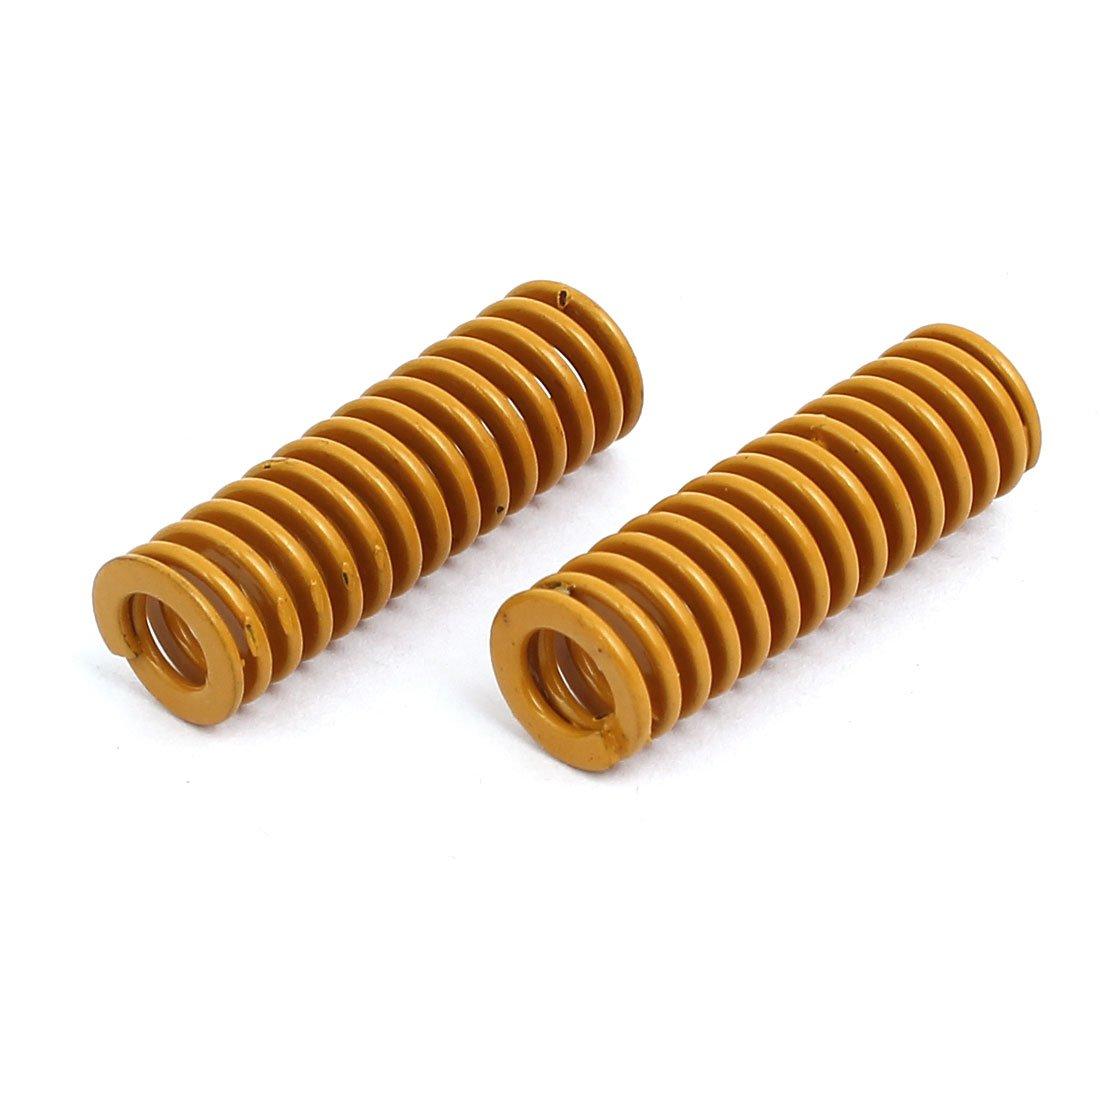 10mm /Ø Ext 30mm long Moule compression charge plus l/ég/ère ressort matrice jaune 10pcs